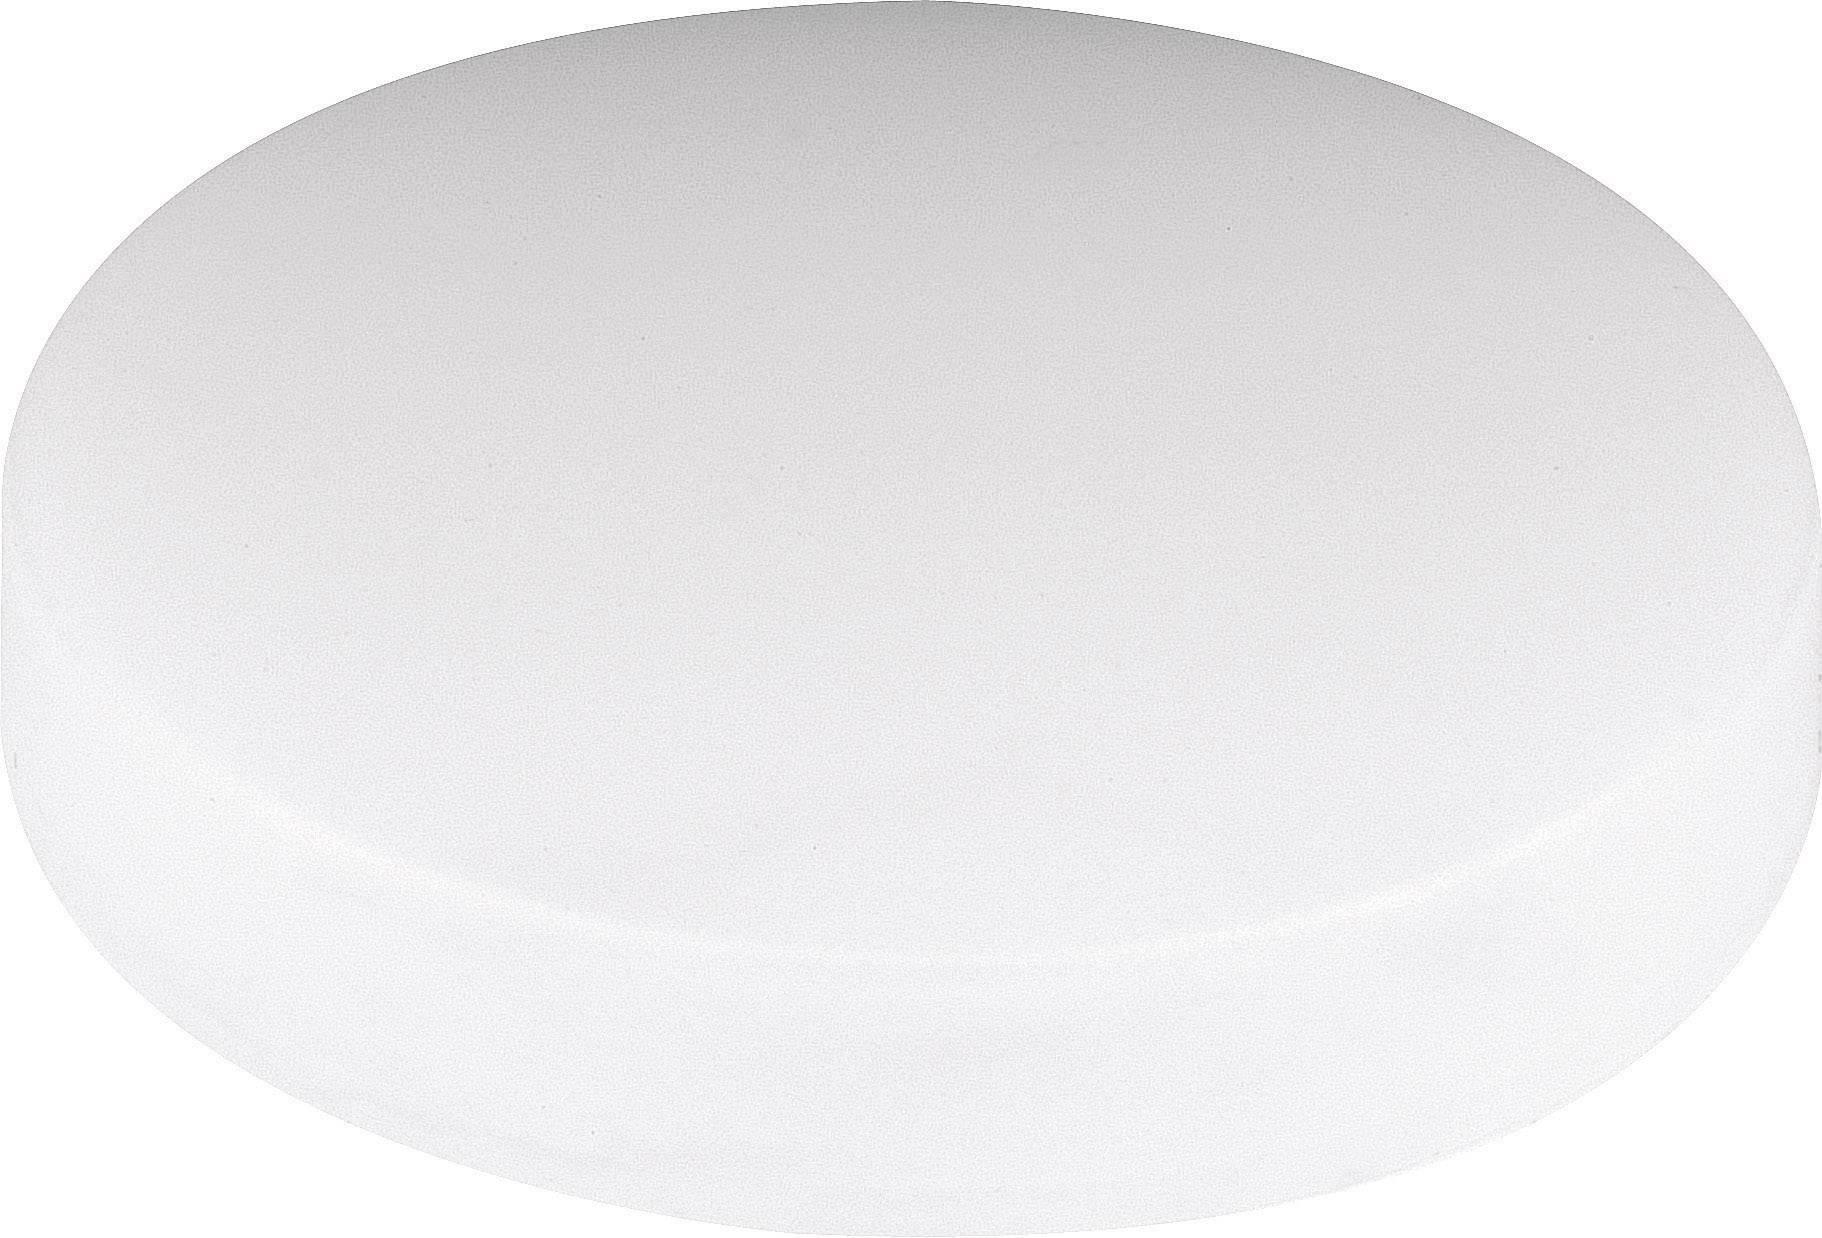 Svetelný poklop Mentor 2510.0800, zelená, vhodný pre reflektor 40 mm